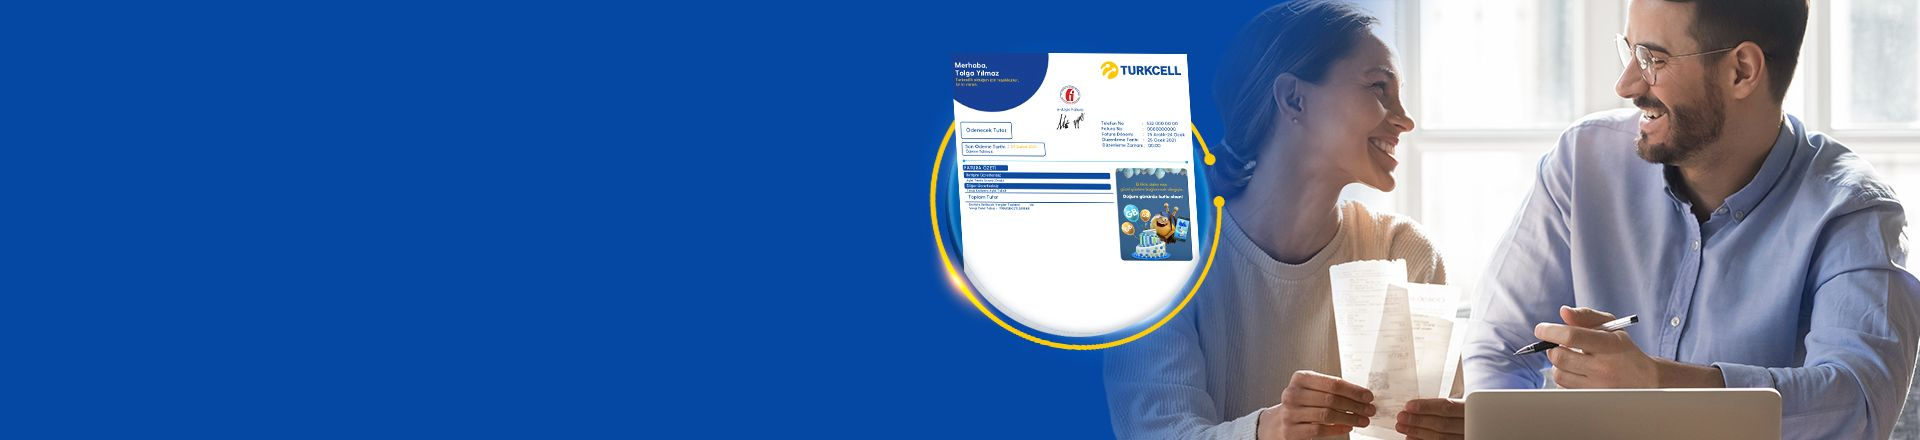 Turkcell Ödemelerim Güvende ile zor günlerde faturalarınız için endişelenmeyin!